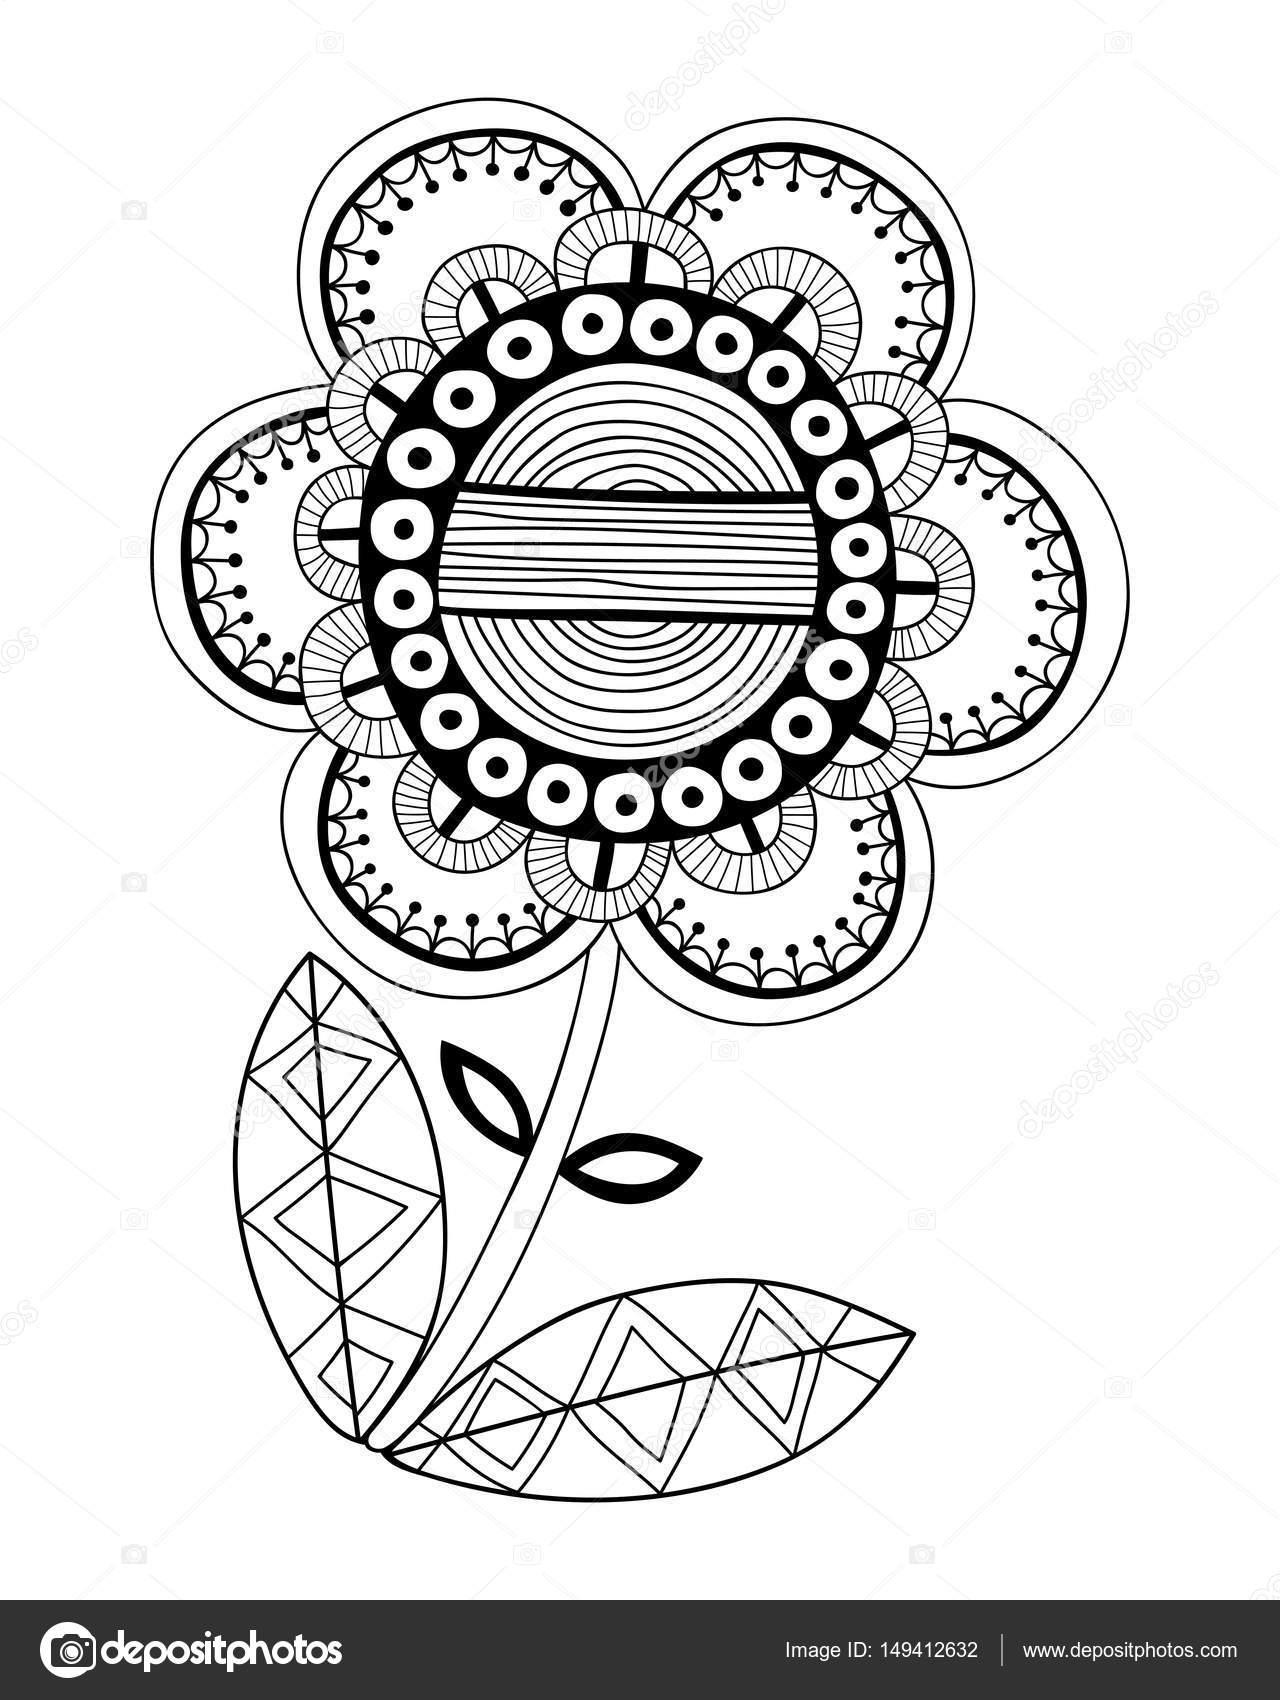 Boyama Kitabı Sayfa Için Bir Fantezi Dekoratif çiçek Resmi Siyah